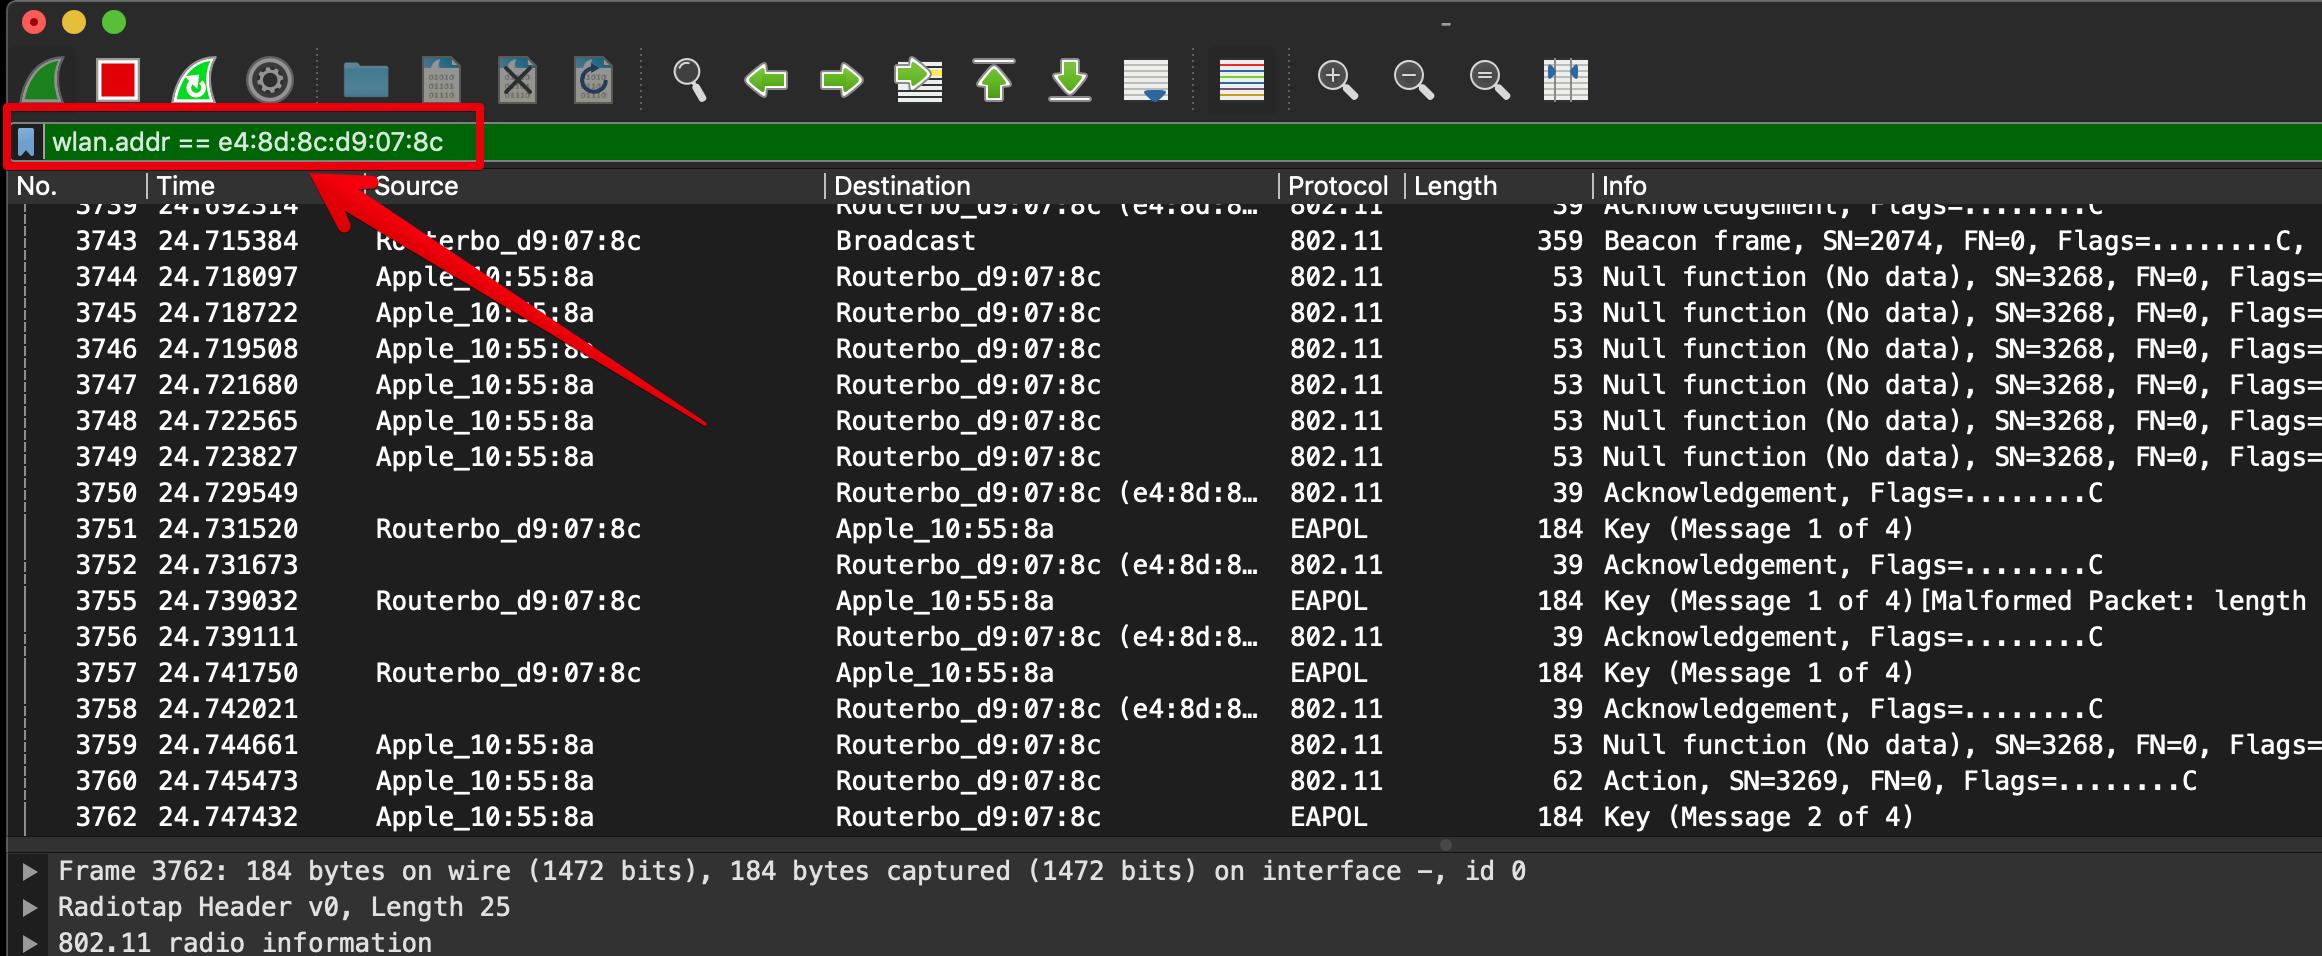 Похек Wi-Fi встроенными средствами macOS - 9